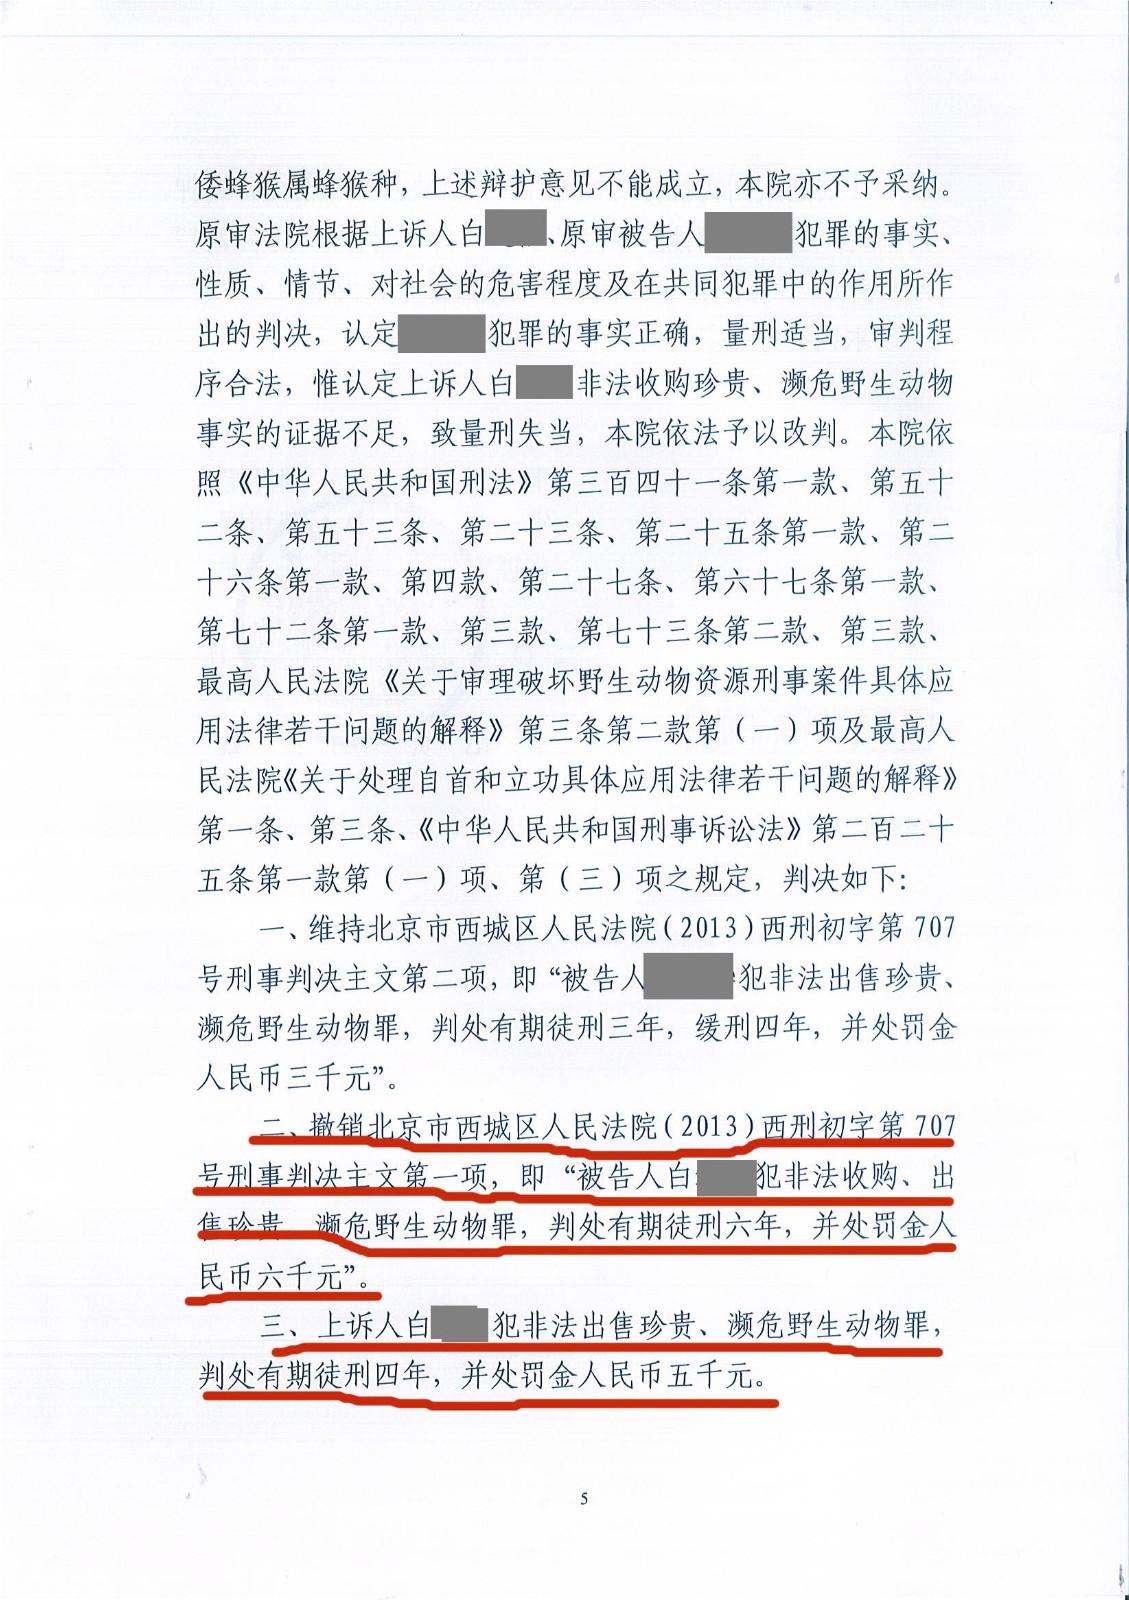 白遇伯刑事判决书(2013)二中刑终字第2088号-333.jpg